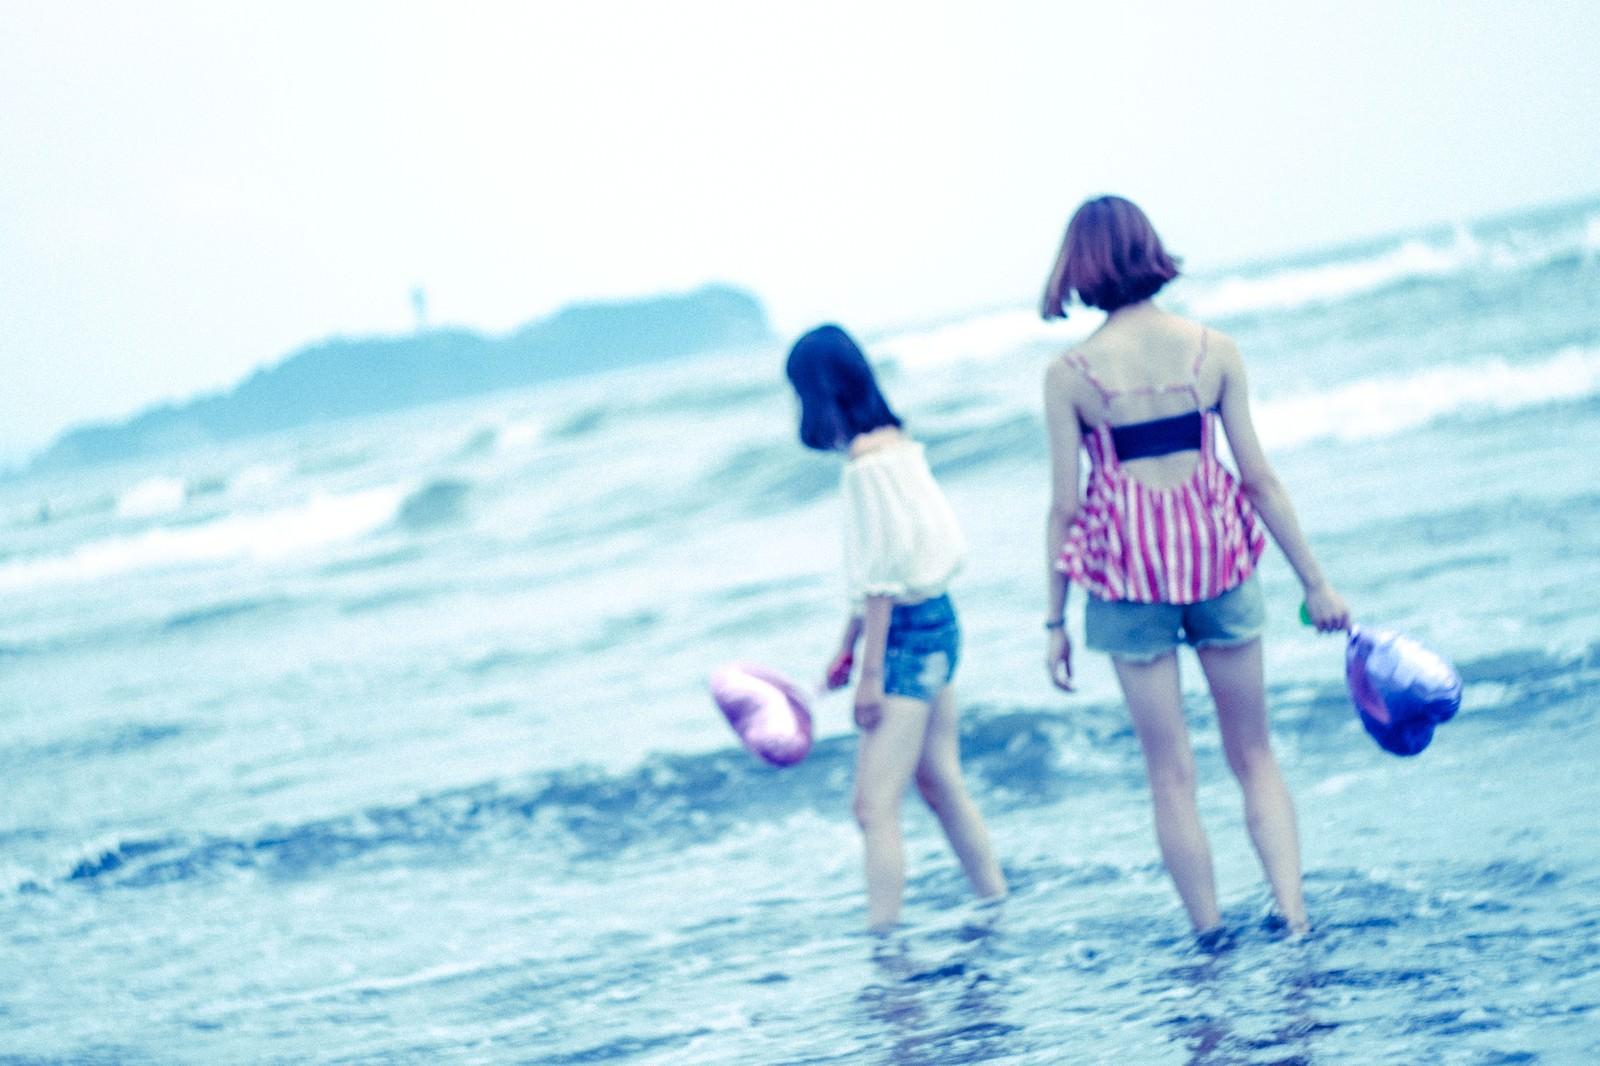 「波打ち際で遊ぶ女子」の写真